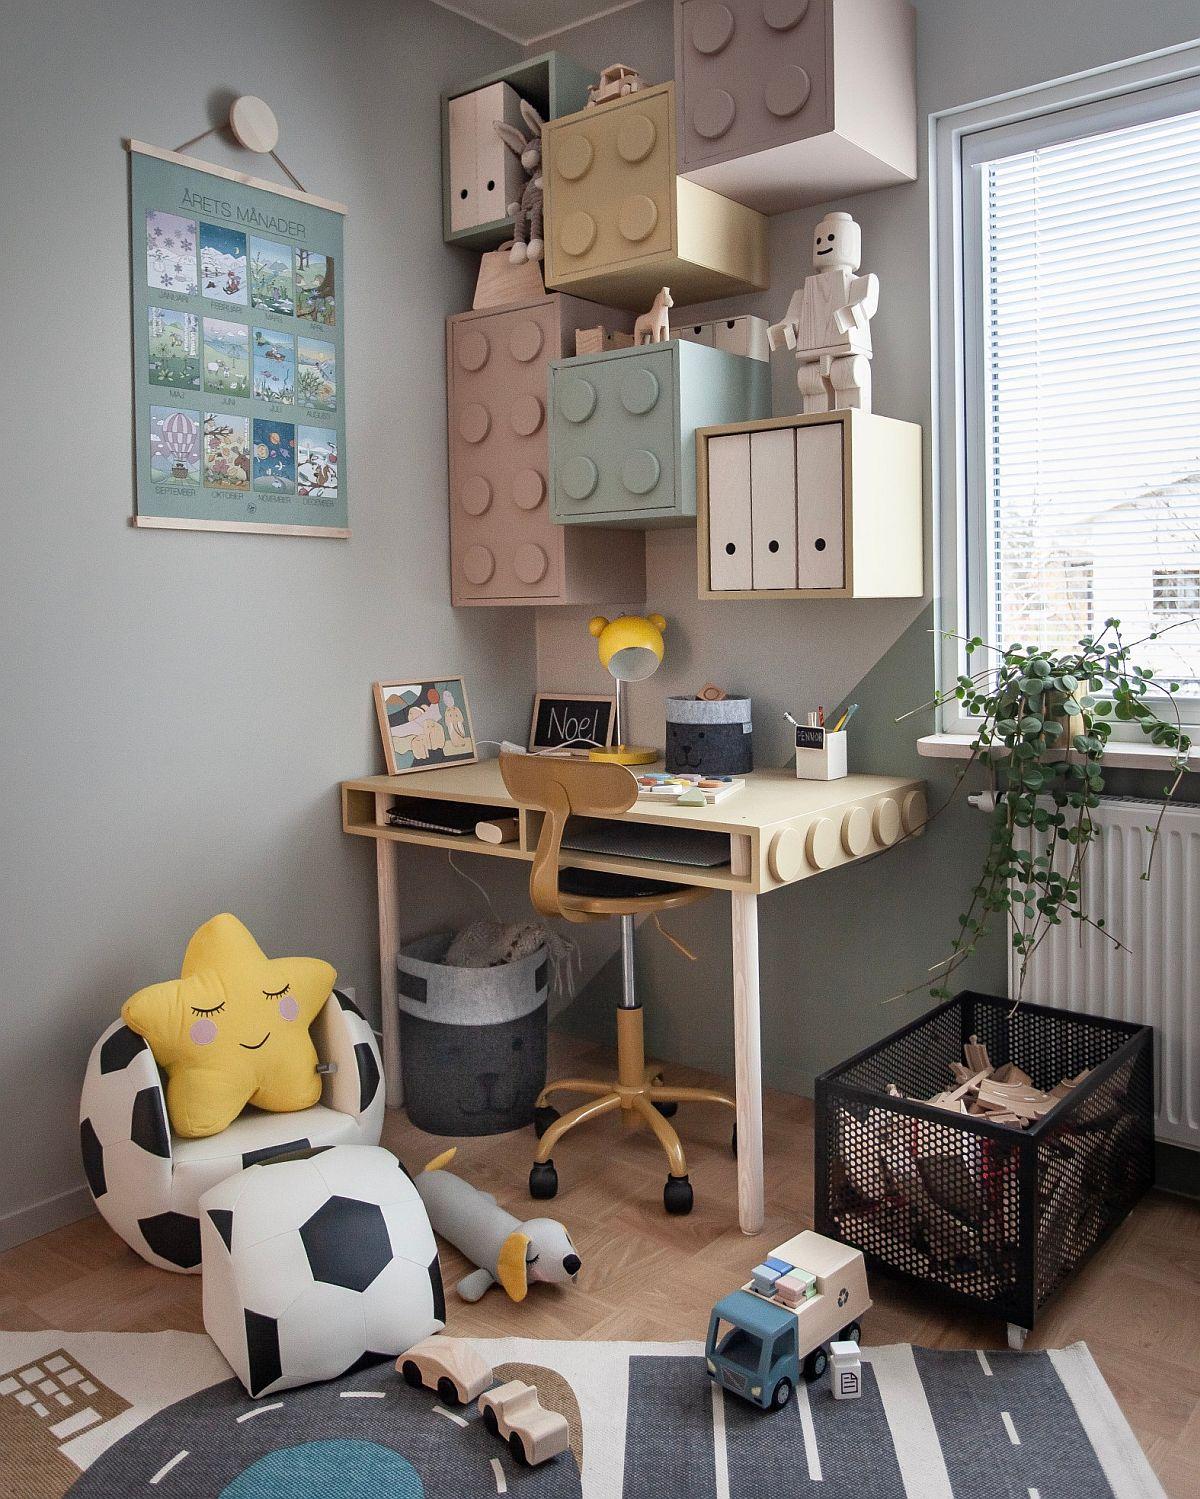 Biroul pentru copilul de vîrstă școlară este poziționat pe un colț al camerei, ca atare spațiul are dublu rol: joacă și studiu.